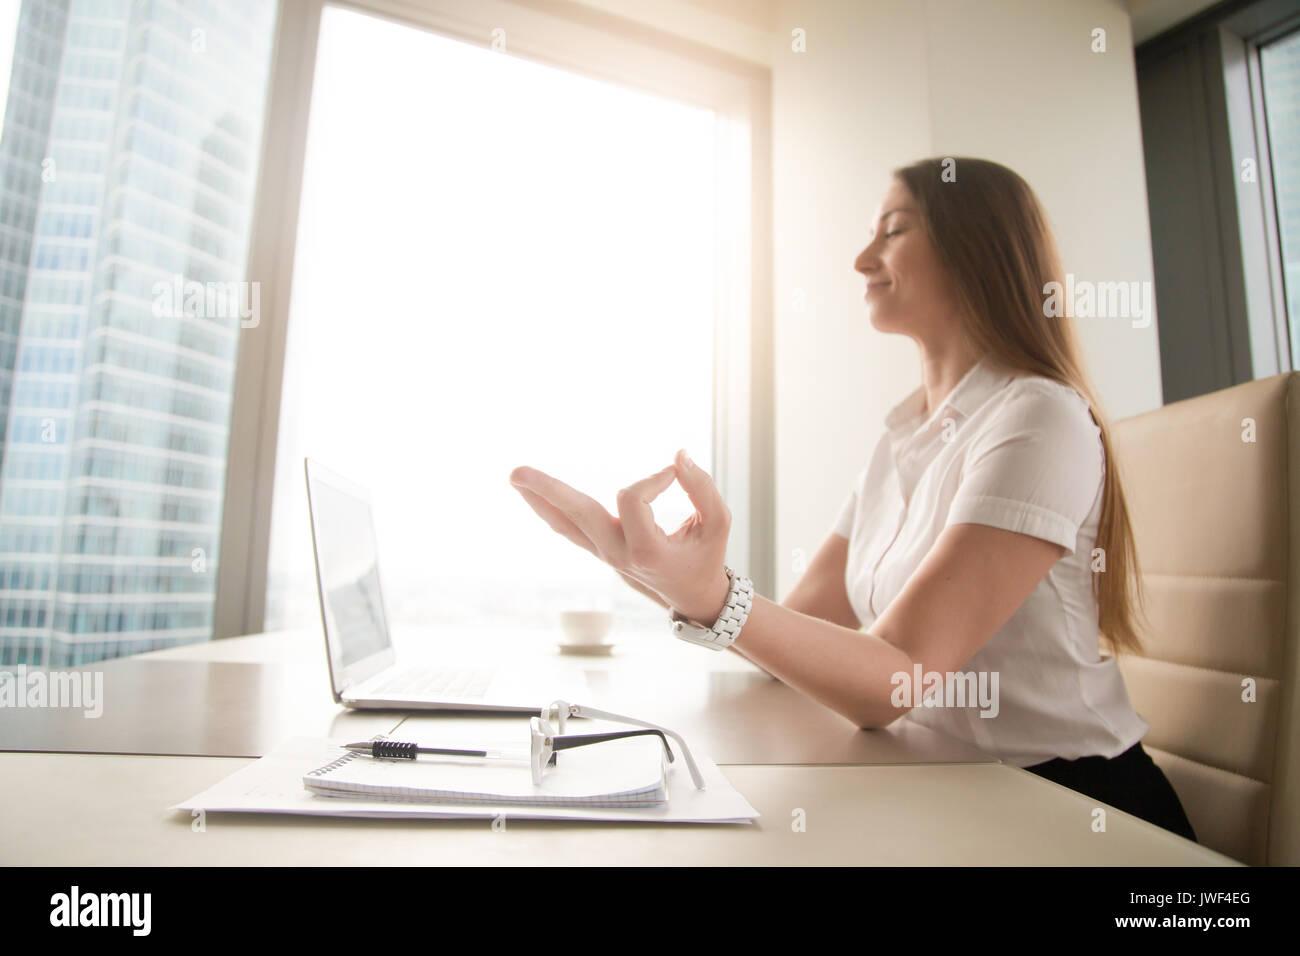 Ruhige friedliche Geschäftsfrau Üben Yoga, Meditation Stockbild